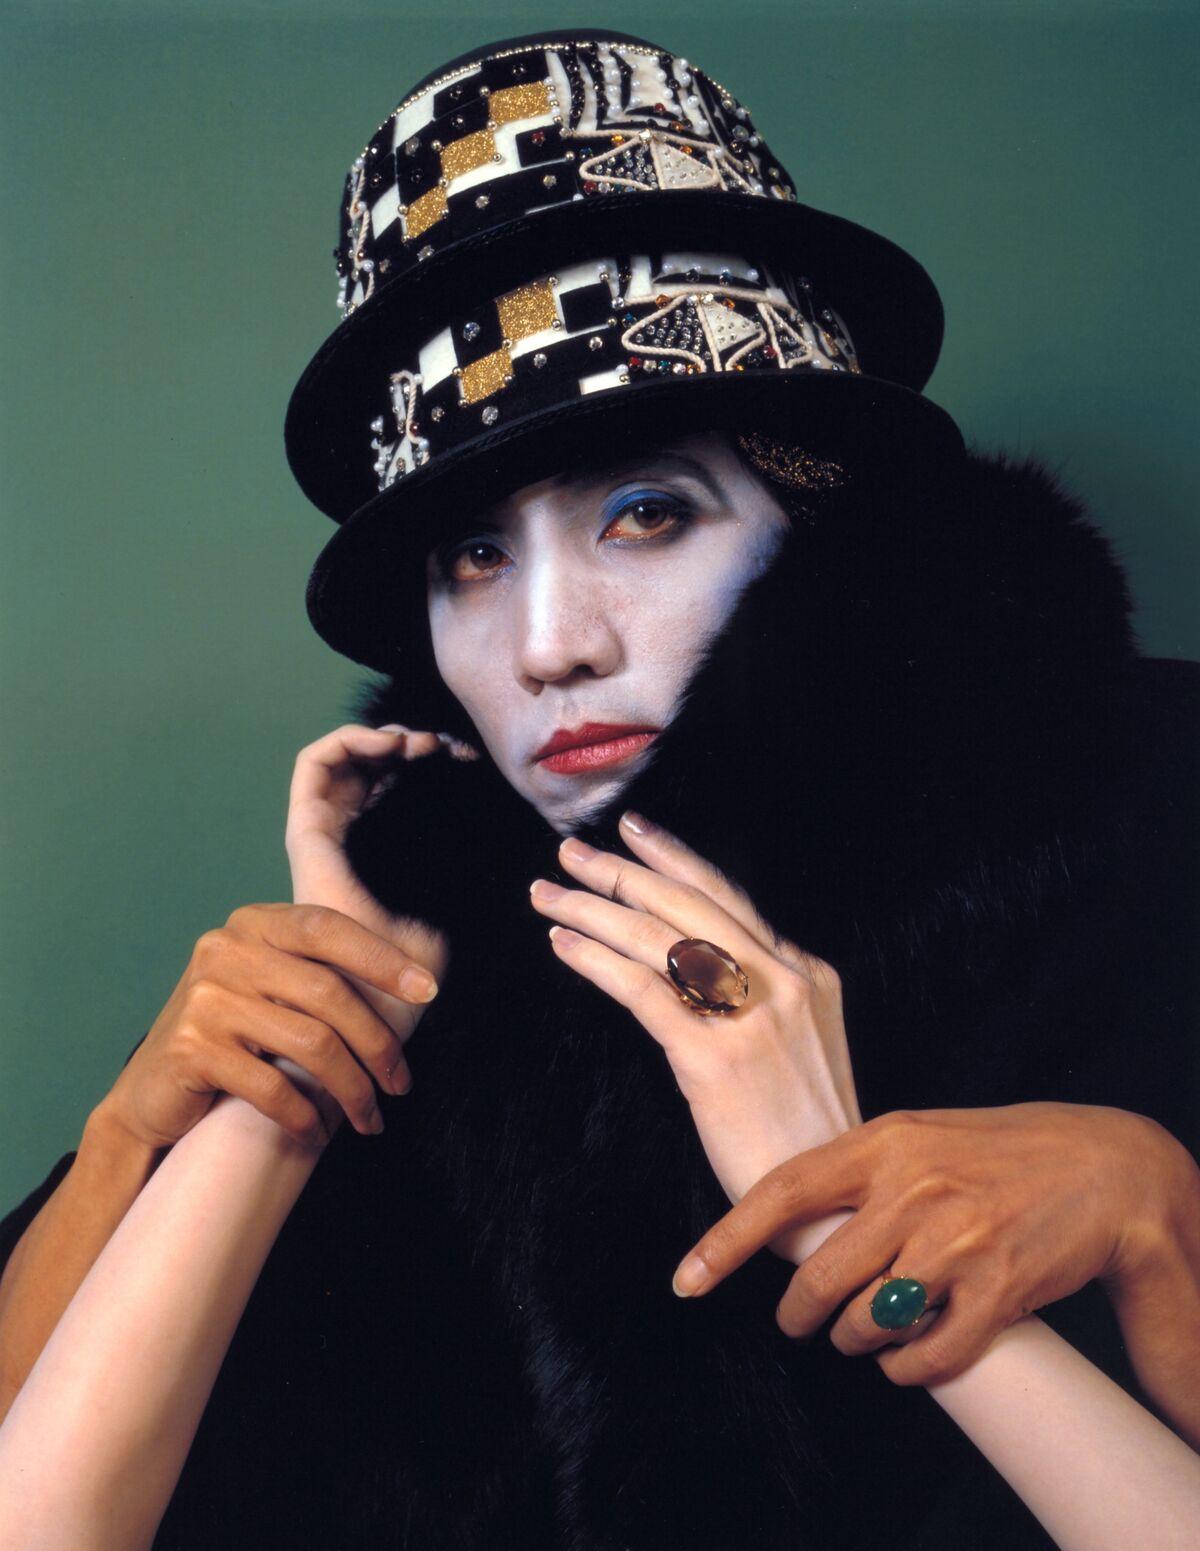 Yasumasa Morimura, Doublonnage (Marcel), 1988. © Yasumasa Morimura. Courtesy of the artist and Luhring Augustine, New York.